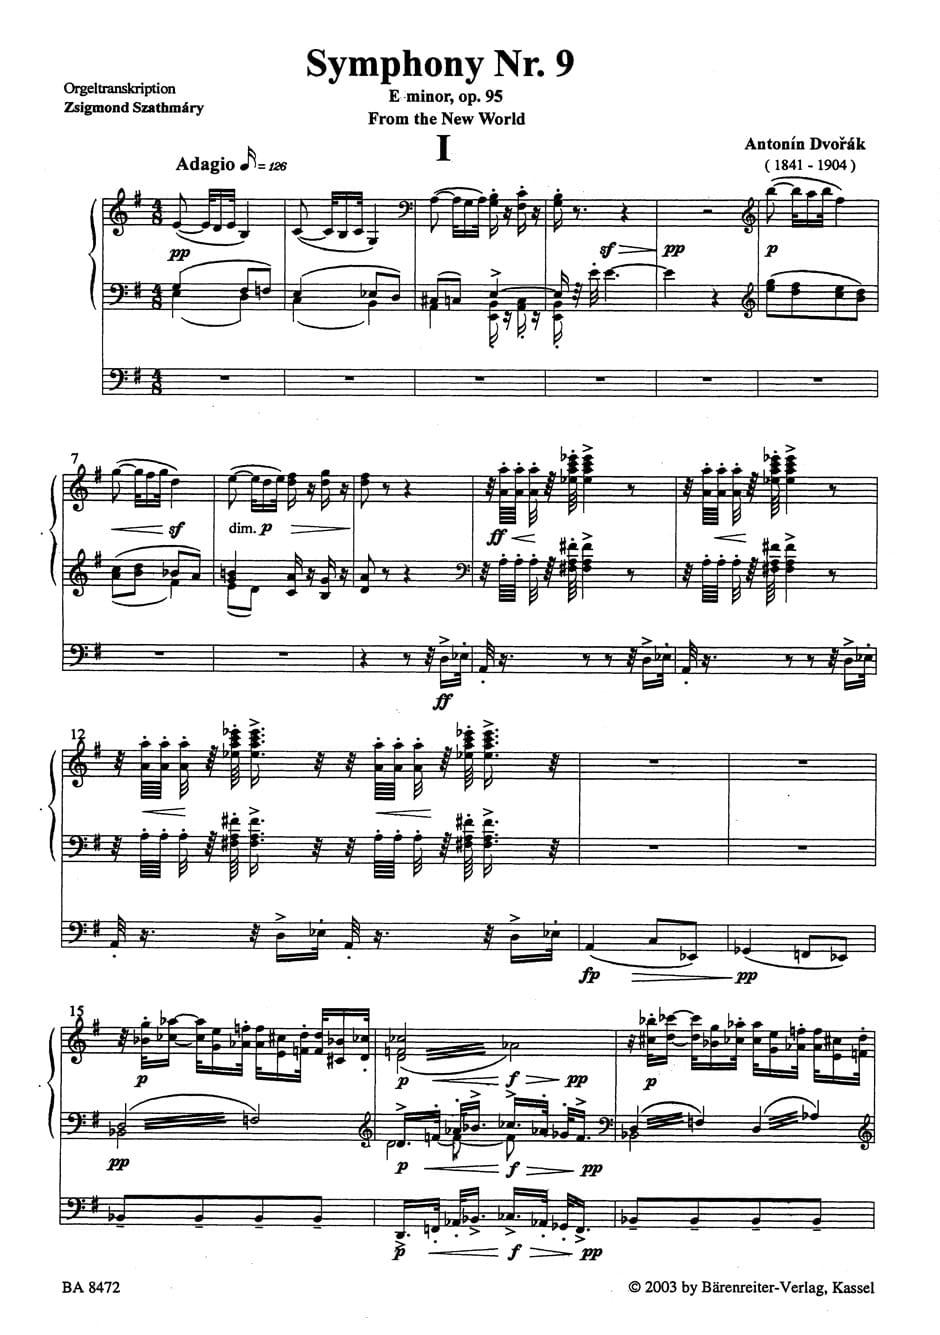 La Symphonie Du Nouveau Monde : symphonie, nouveau, monde, Symphonie, Nouveau, Monde, DVORAK, Laflutedepan.com